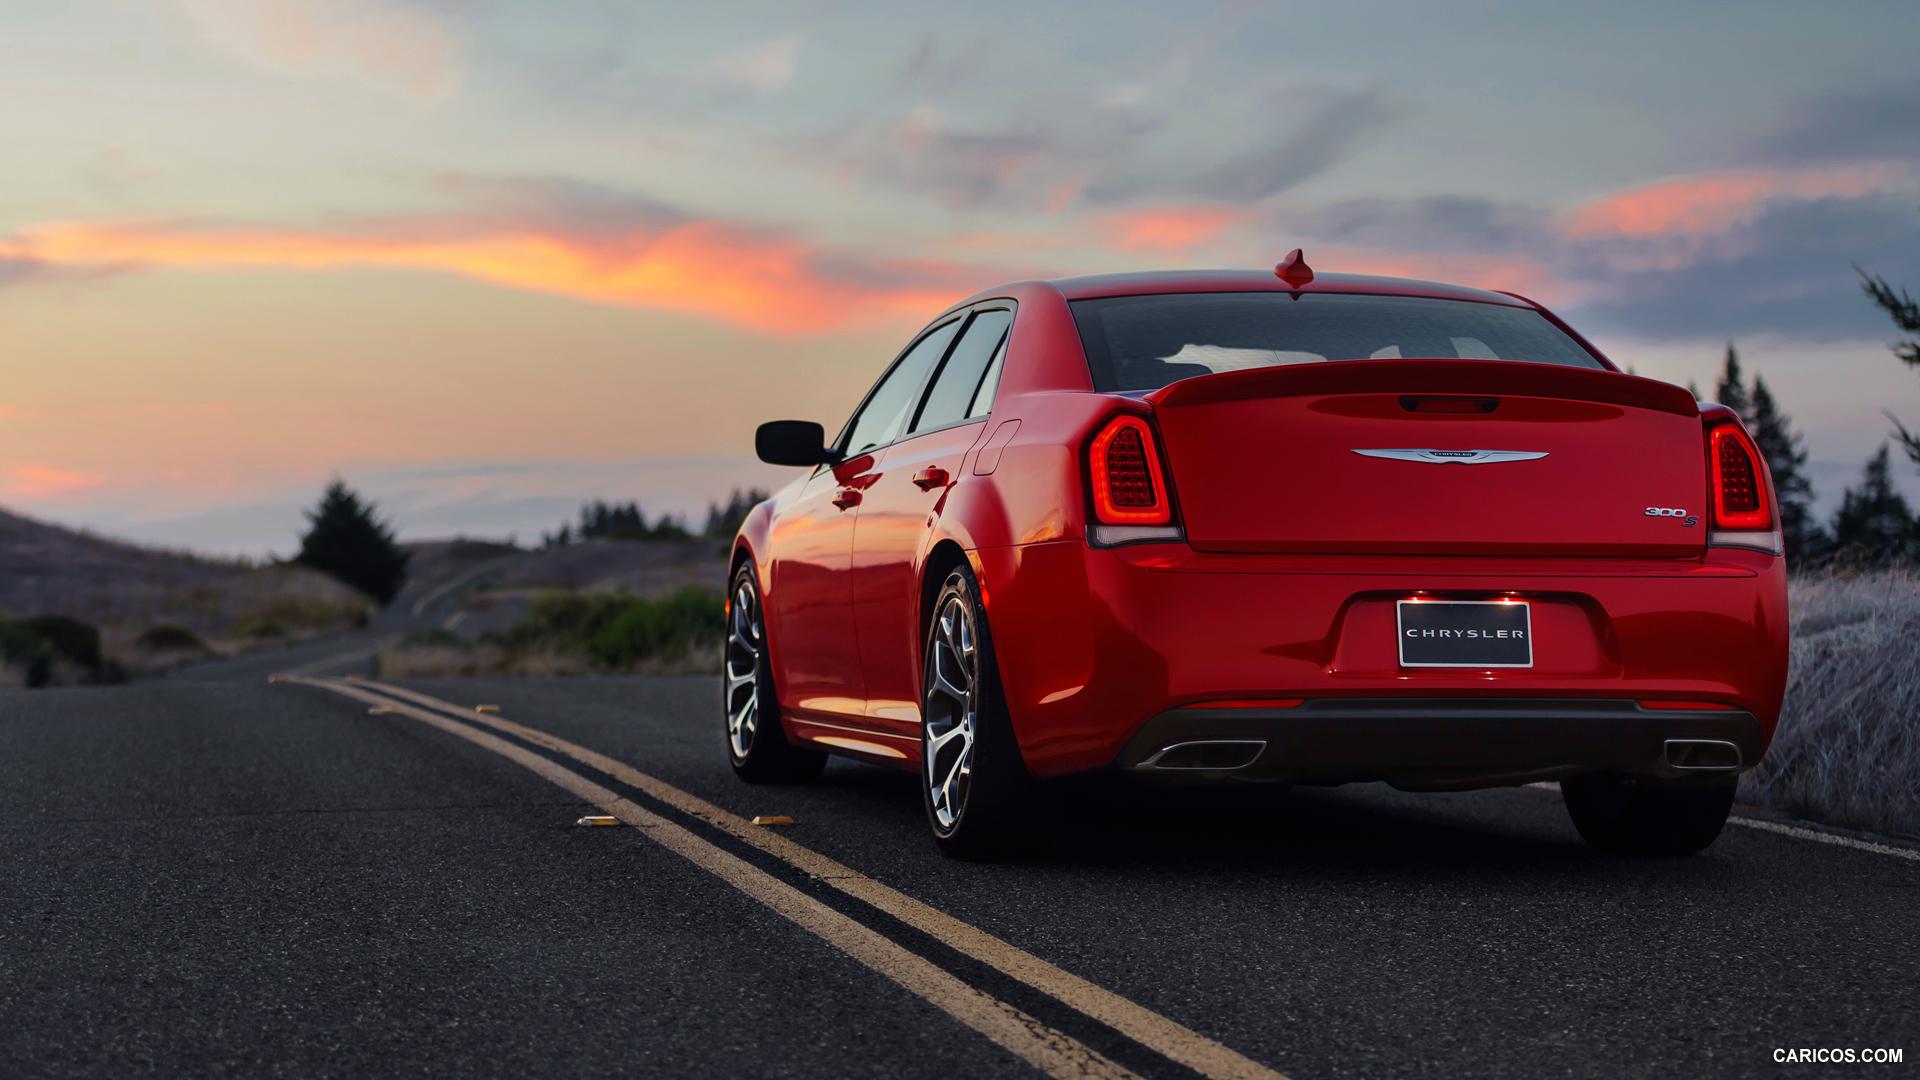 49 New Chrysler 300 Wallpapers Chrysler 300s 2019 Red 1920x1080 Wallpaper Teahub Io